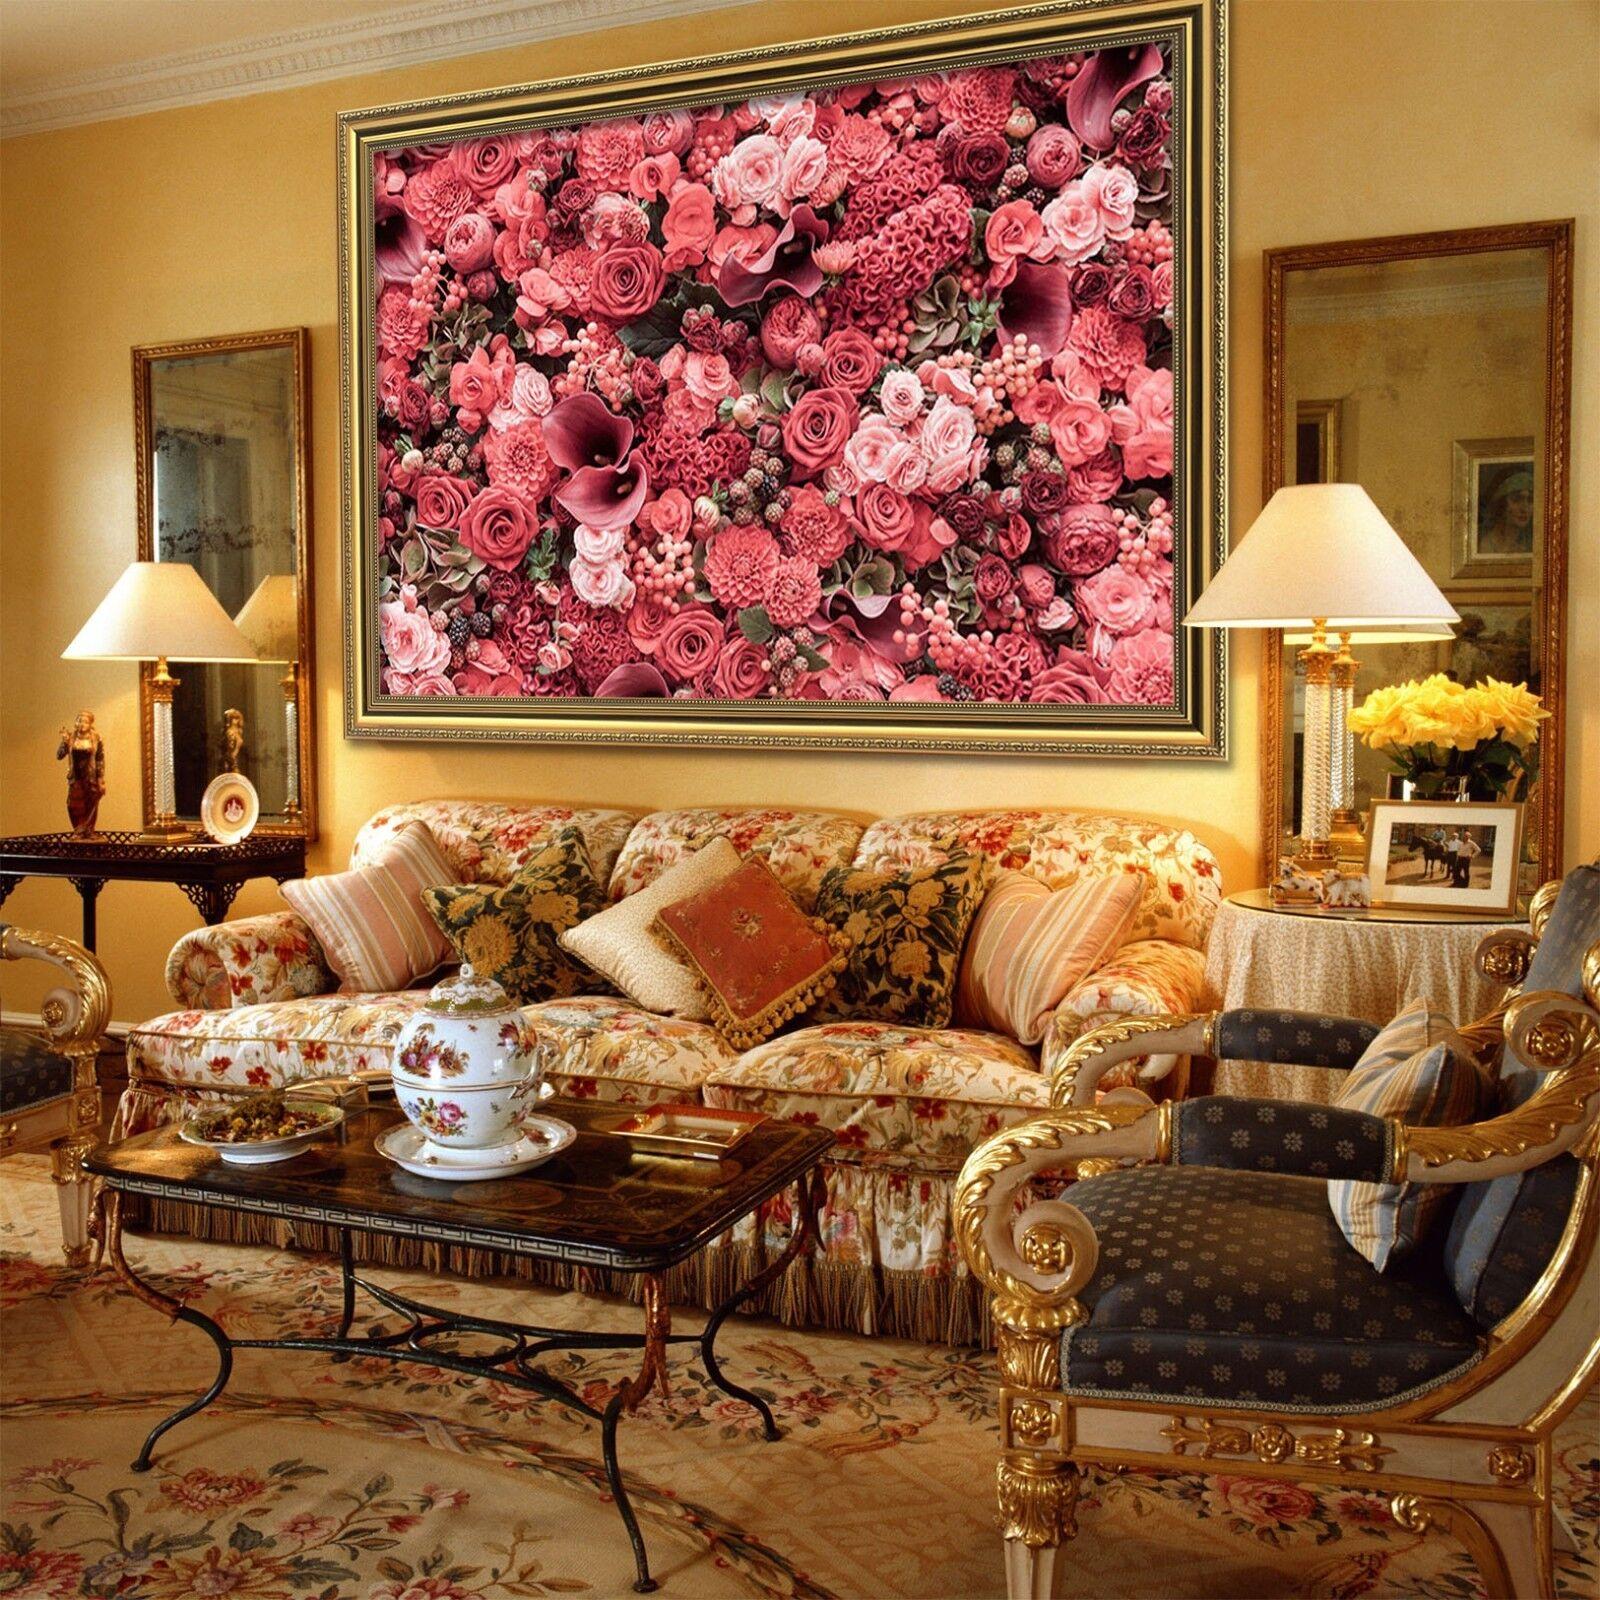 Flor De Mar 60 Póster Enmarcado 3D Decoración del Hogar Pintura de Impresión Arte AJ Wallpaper